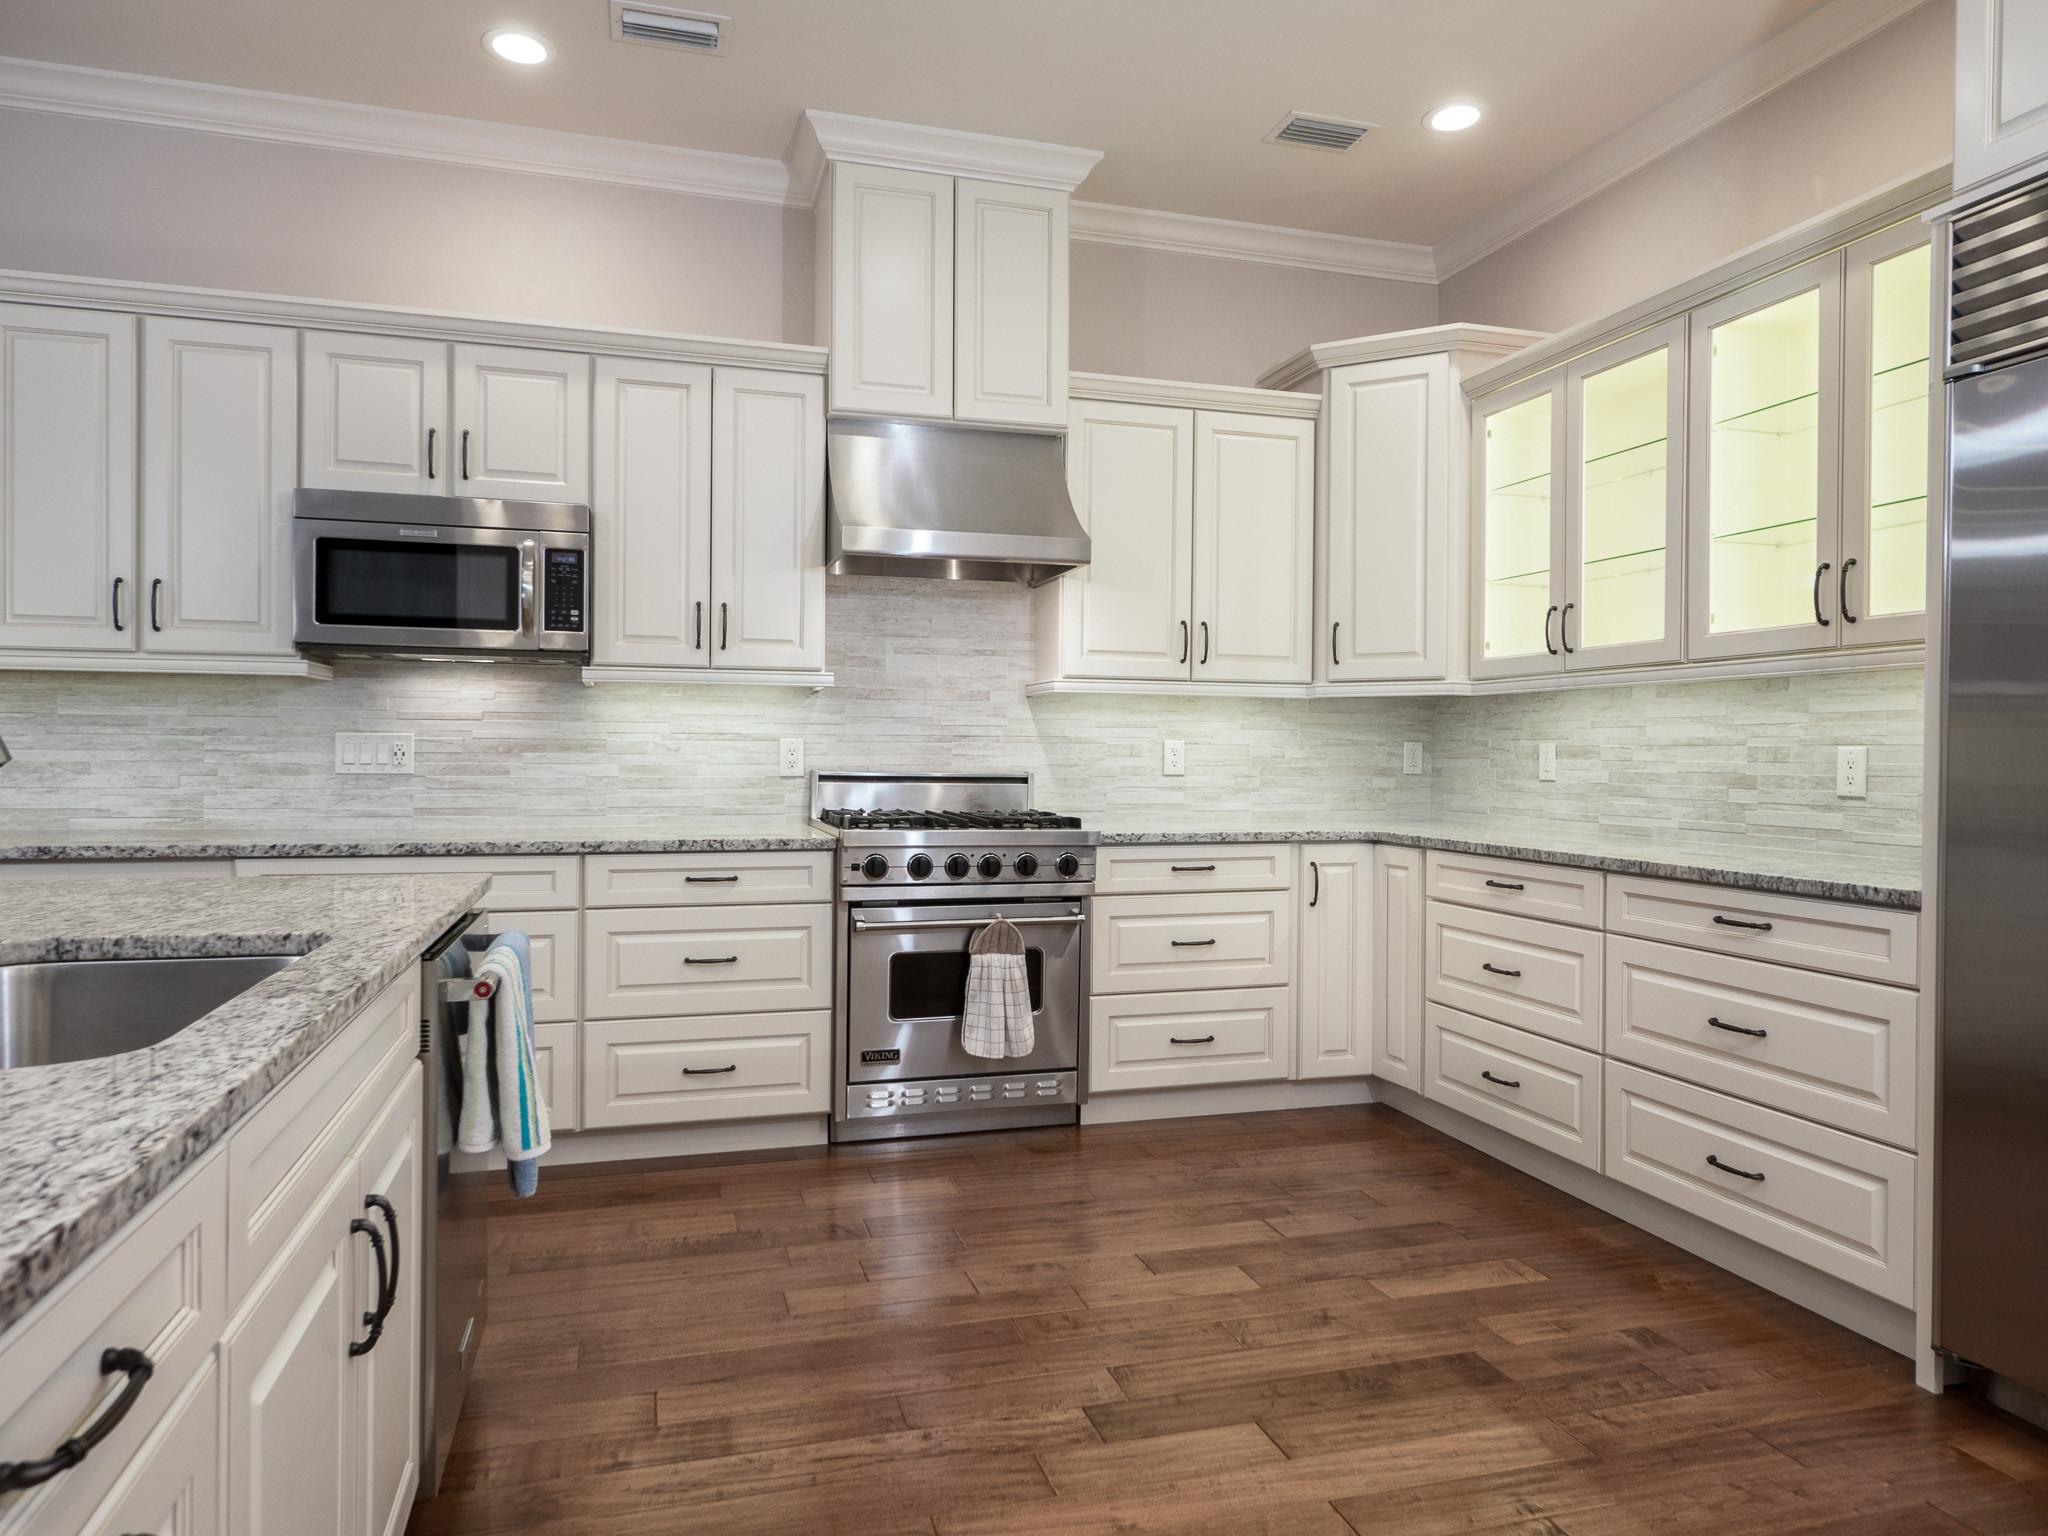 Hayes Glen Kitchen Renovation Gainesville, Florida